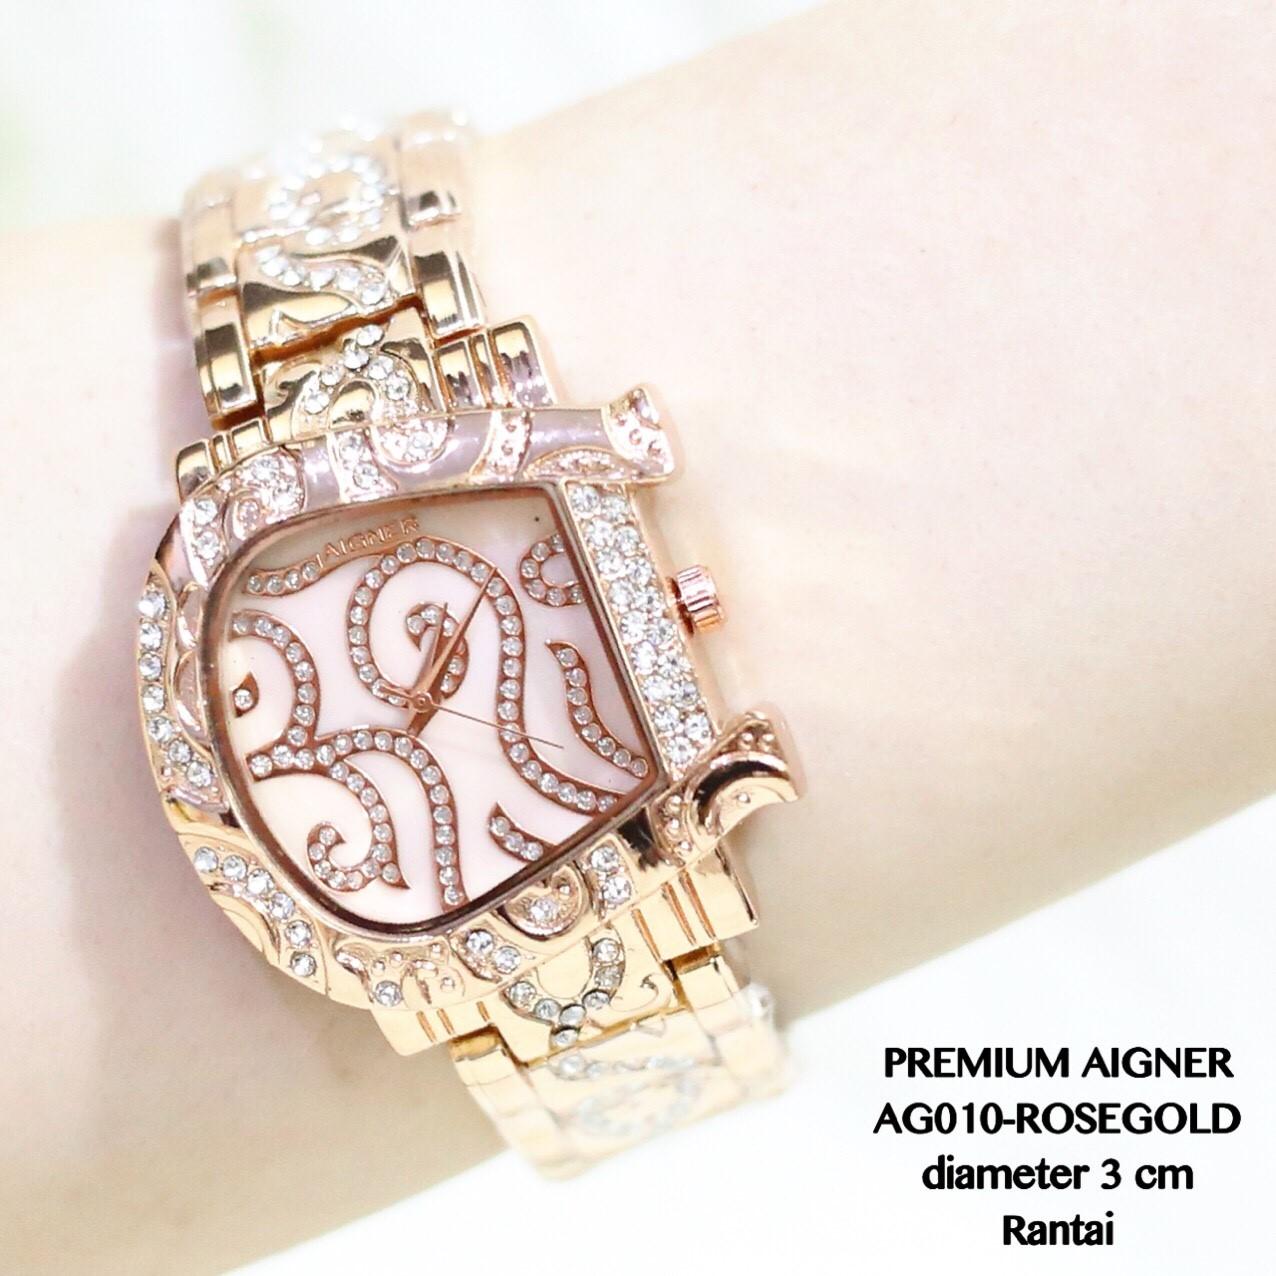 Jam tangan aigner wanita termurah fashion casual premium grosir